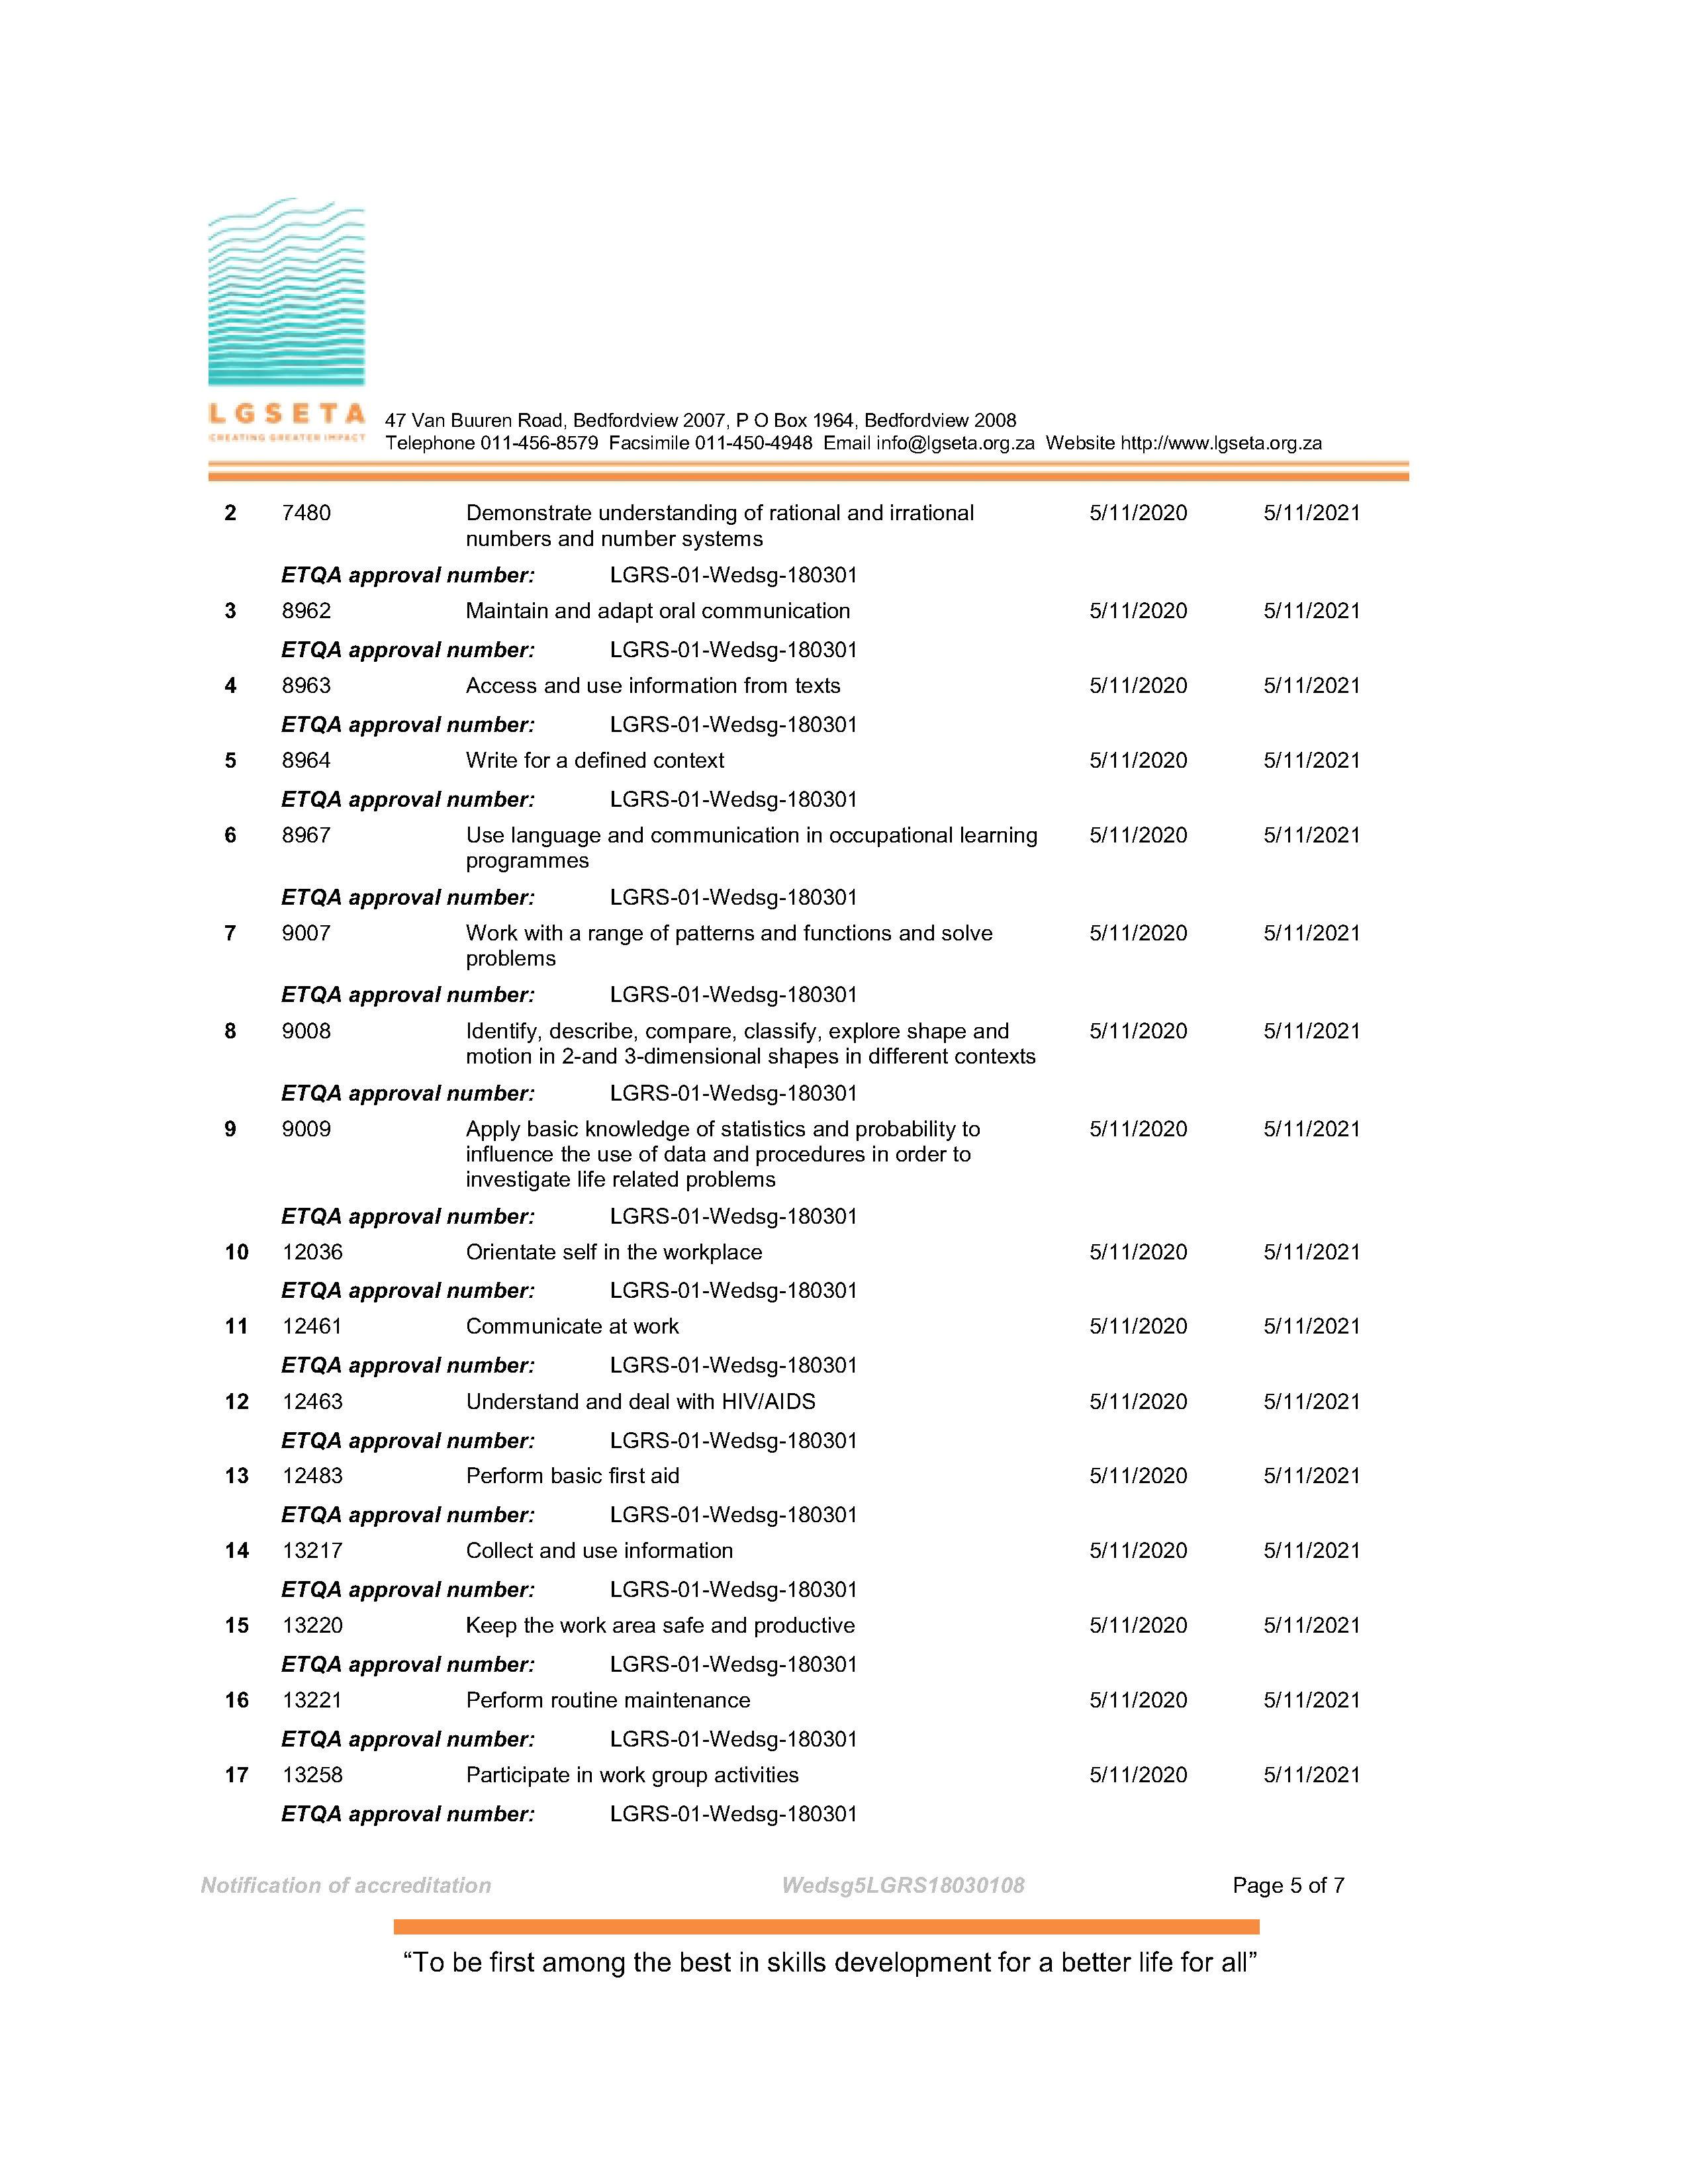 LGSETA ACCREDITATION 11 MAY 2021_Page_5